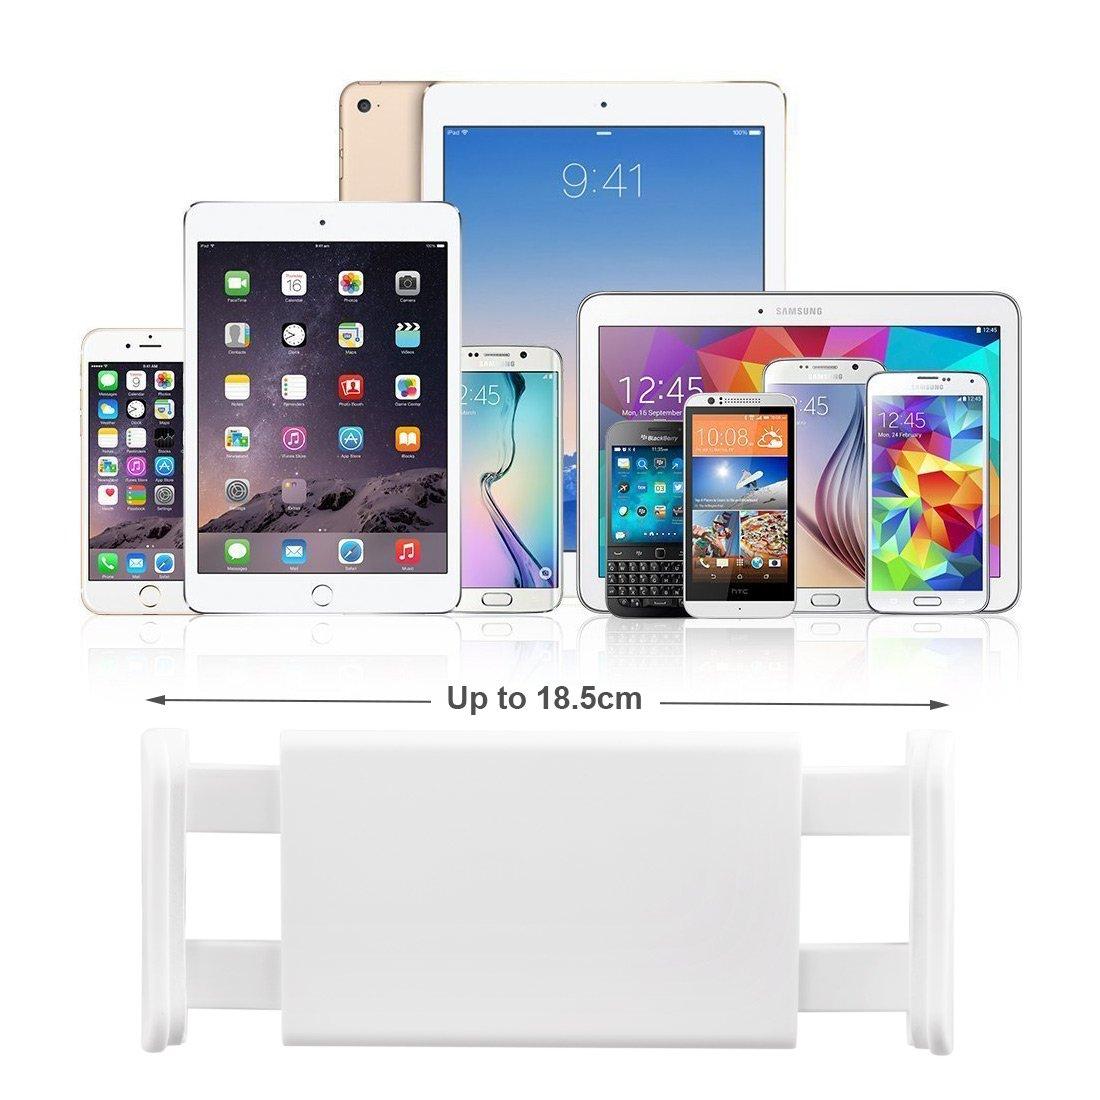 AcTopp Soporte Tablets Soporte Moviles 2017 Nuevo con Tres Betas Abrazos Flexibles Giratorio 360º Para Mesa Asiento Escritorio Cabecera de Cama Mesilla Estirado 11.5-18.5CM para iPad Tablets y Móviles de Pantalla Grande Color Gris